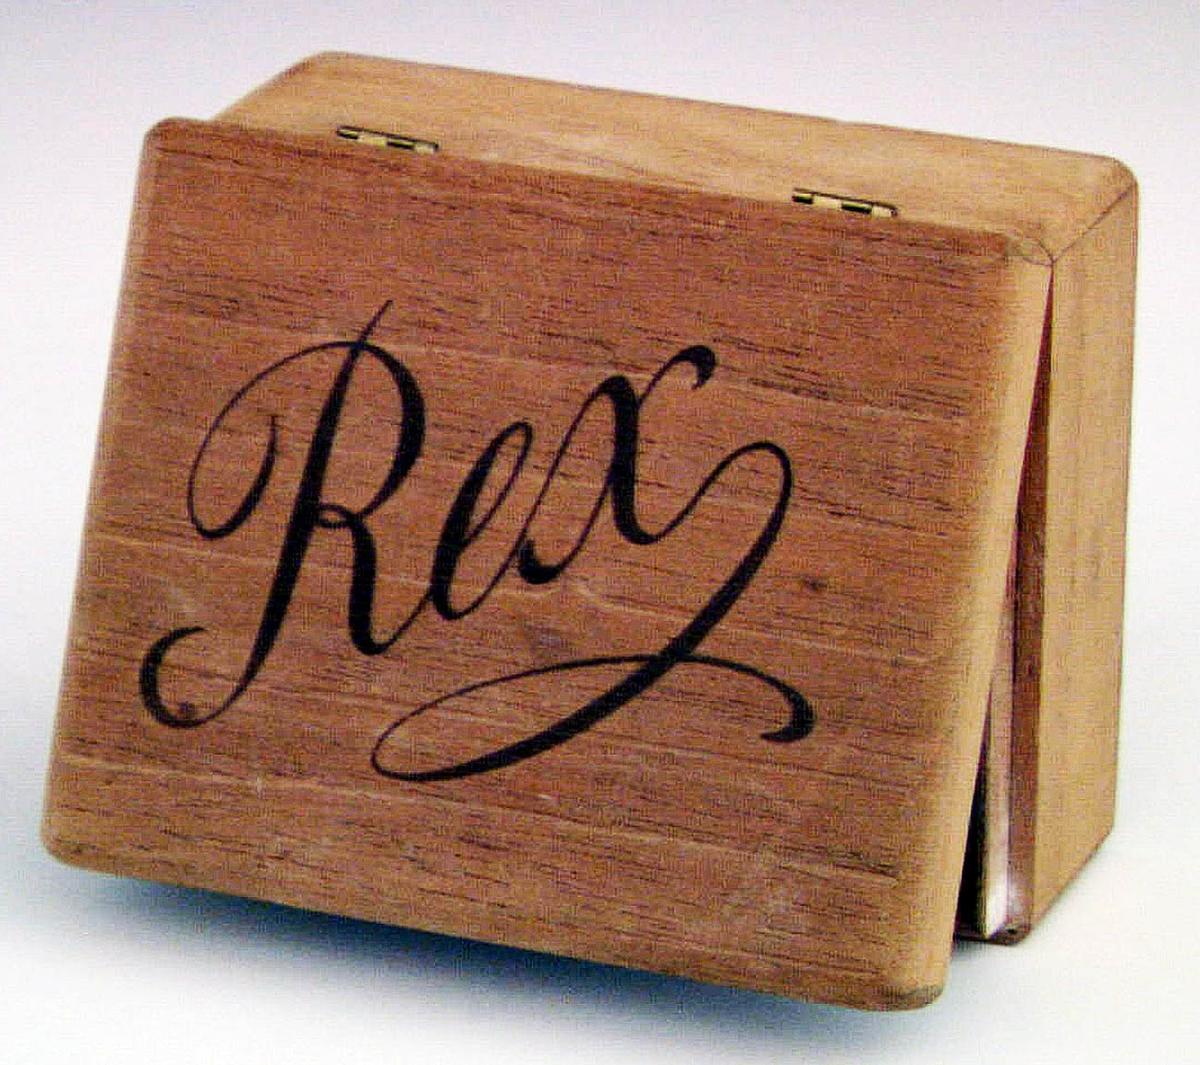 Ask av trä märkt med lock försett med två gångjärn av mässing. Rex som text på locket. Har använts som nipperask.